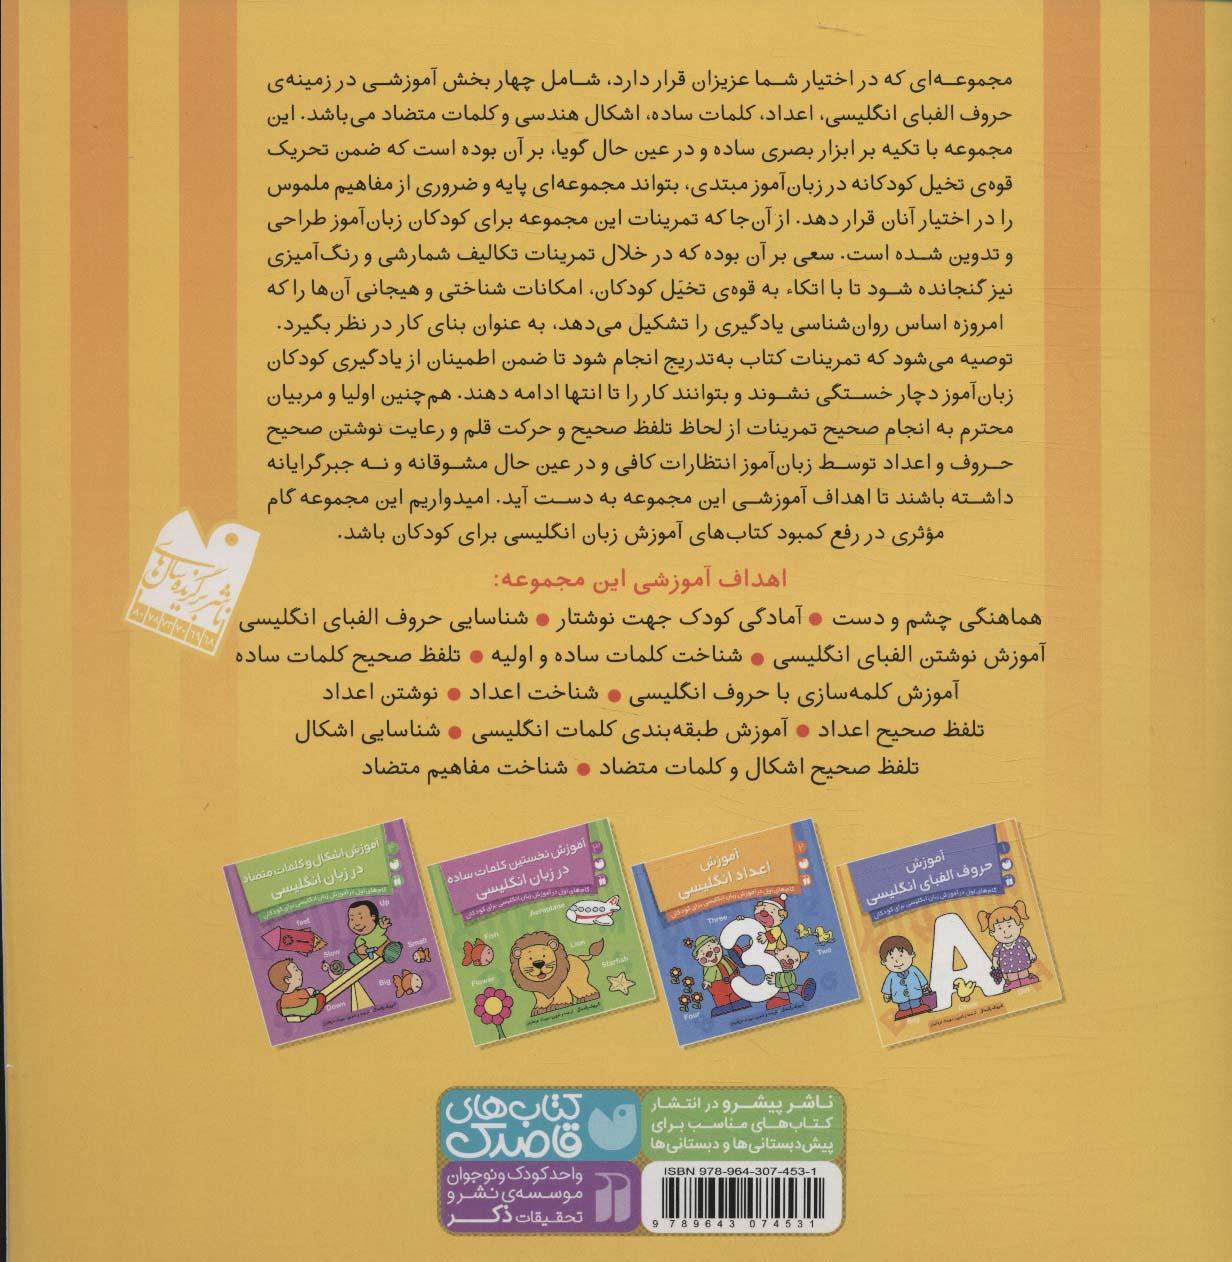 آموزش حروف الفبای انگلیسی (گام های اول در آموزش زبان انگلیسی برای کودکان 1)